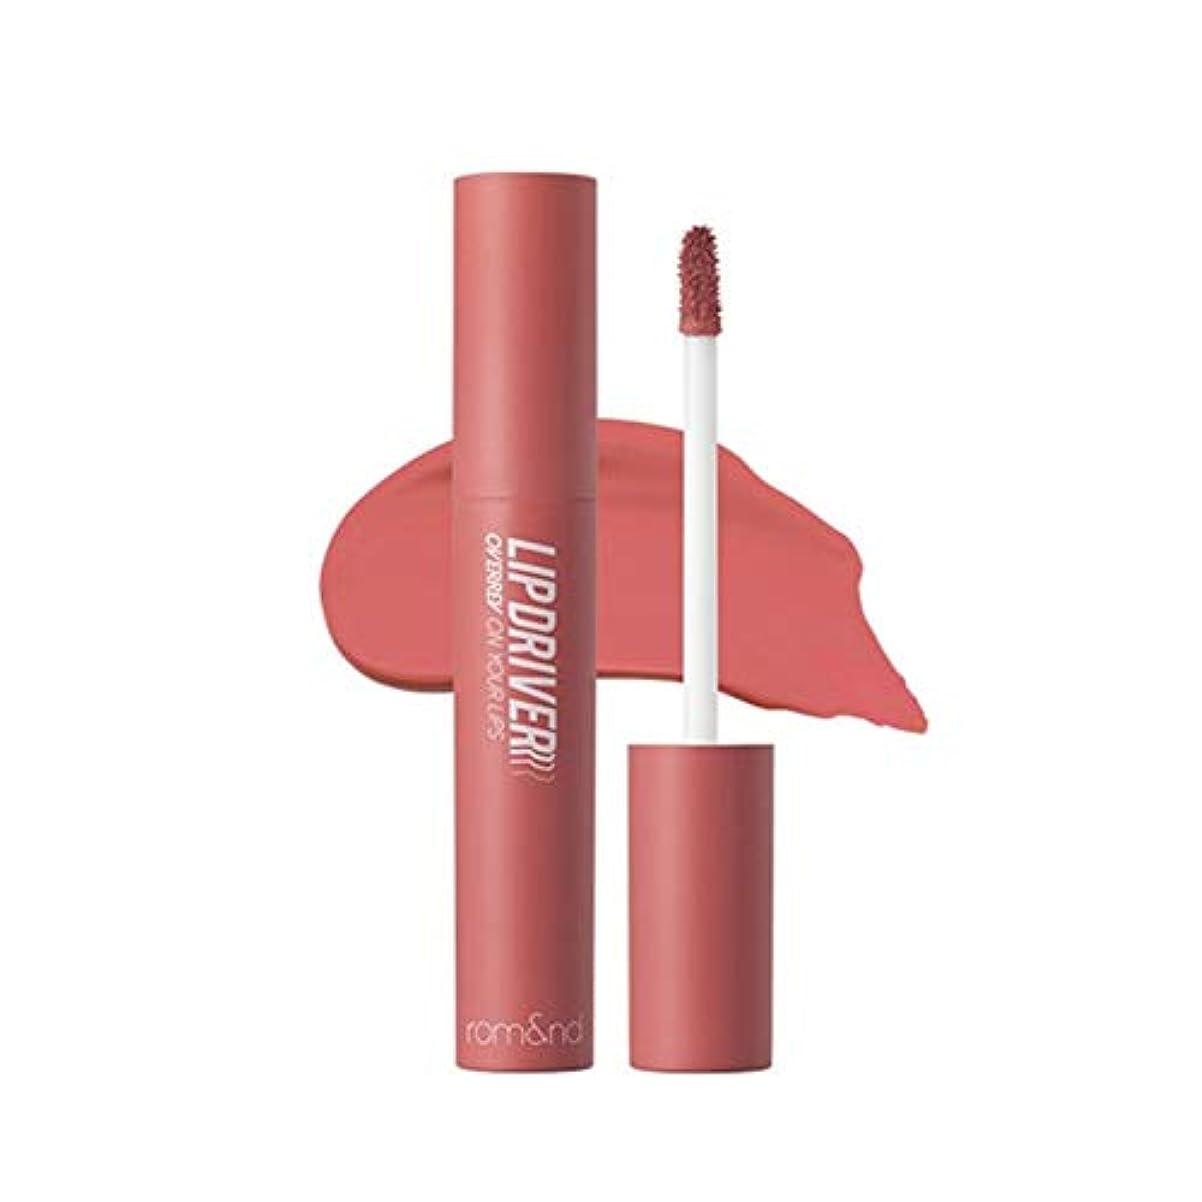 社会遊具五ローム?アンド?リップドライバリップスティック5カラー韓国コスメ、Rom&nd Lipdriver Lipstick 5 Colors Korean Cosmetics [並行輸入品] (#05. overrev)